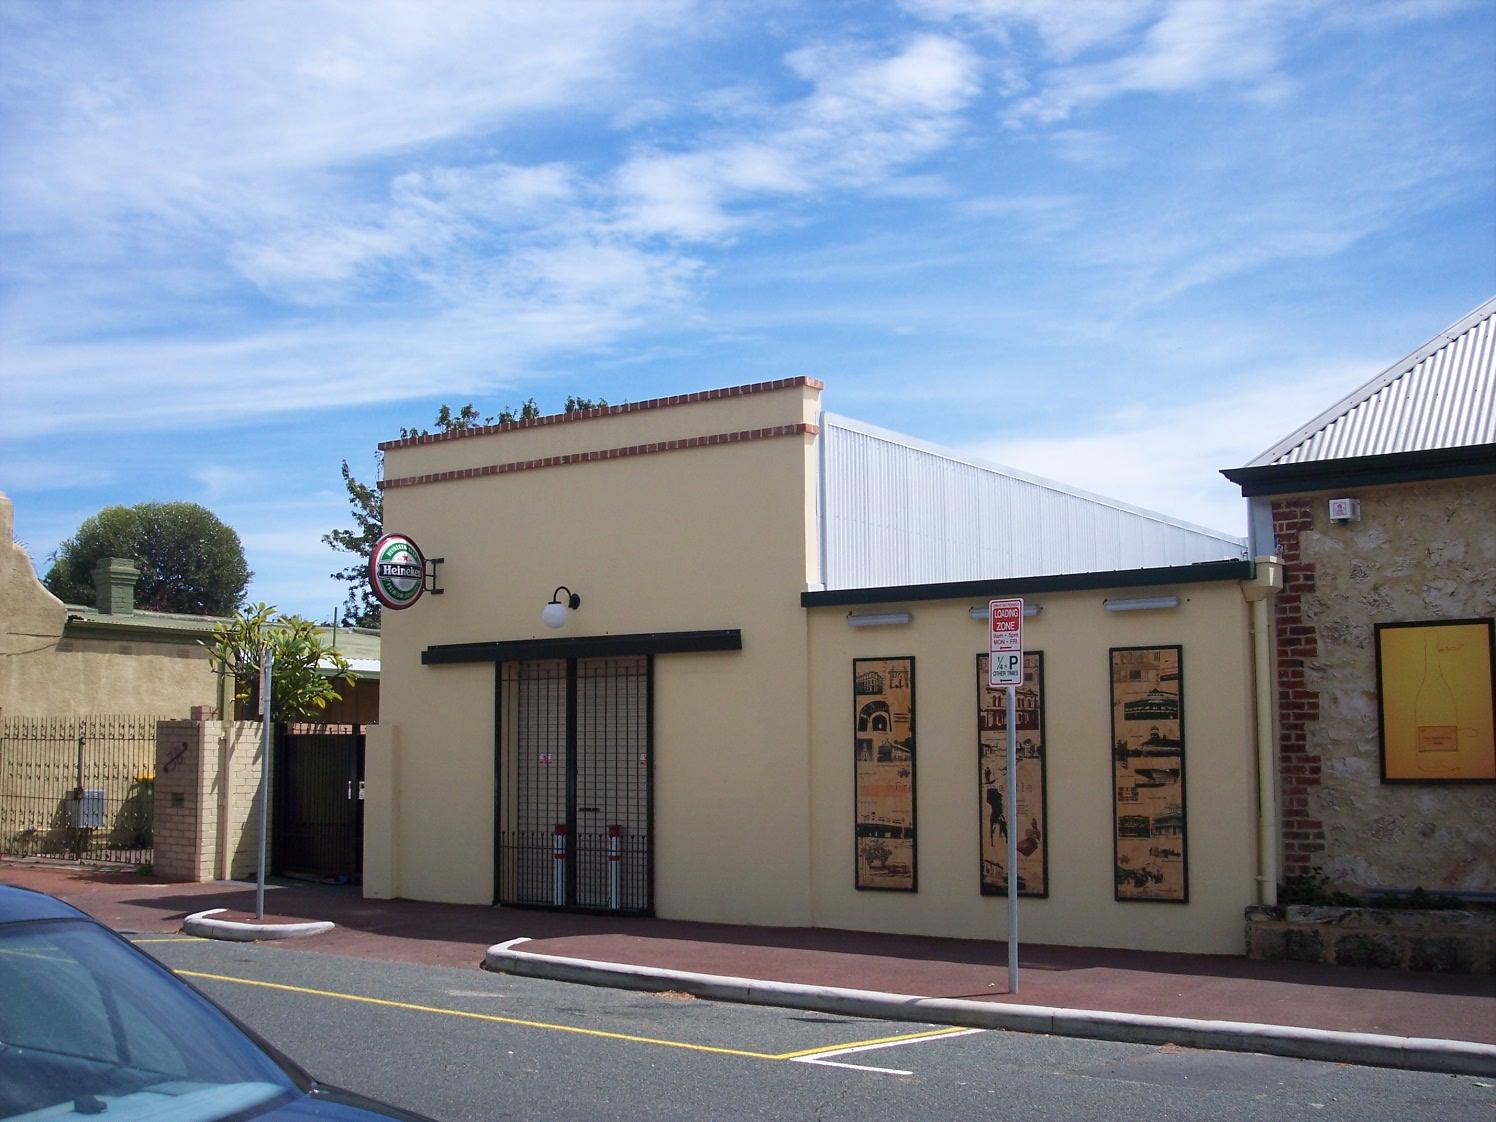 19-10-06 View NNW 48 George Street.jpg